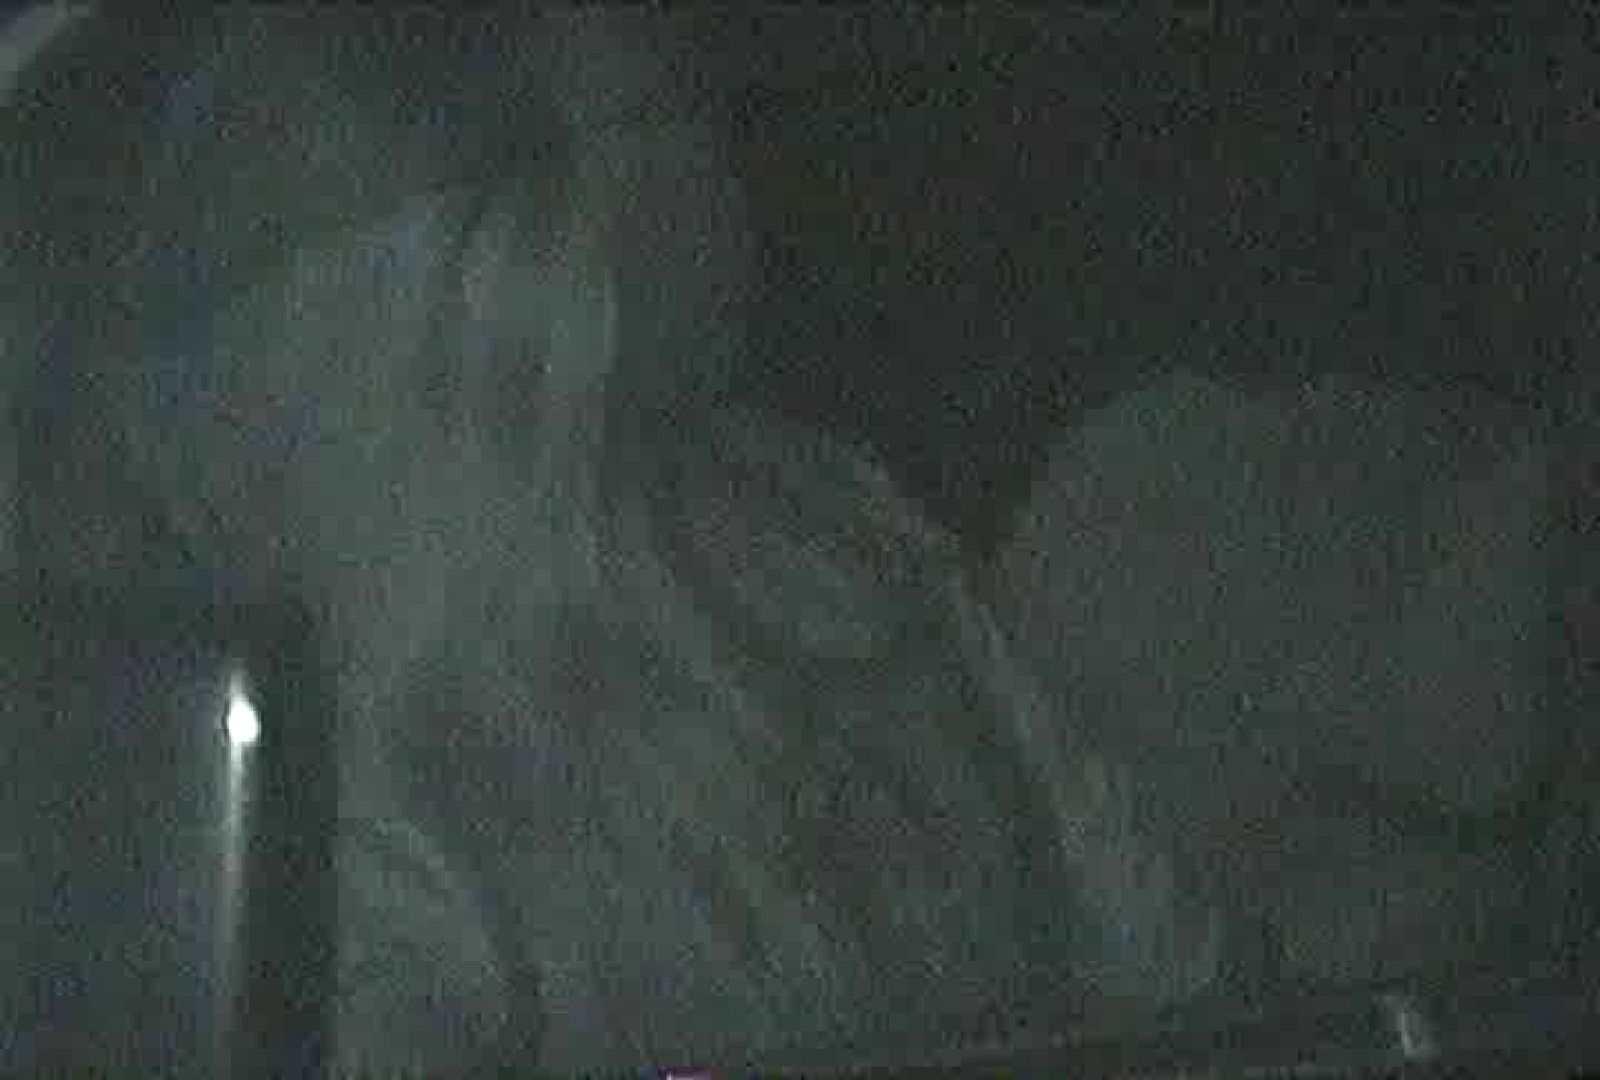 充血監督の深夜の運動会Vol.96 OLエロ画像 覗きおまんこ画像 48PICs 26